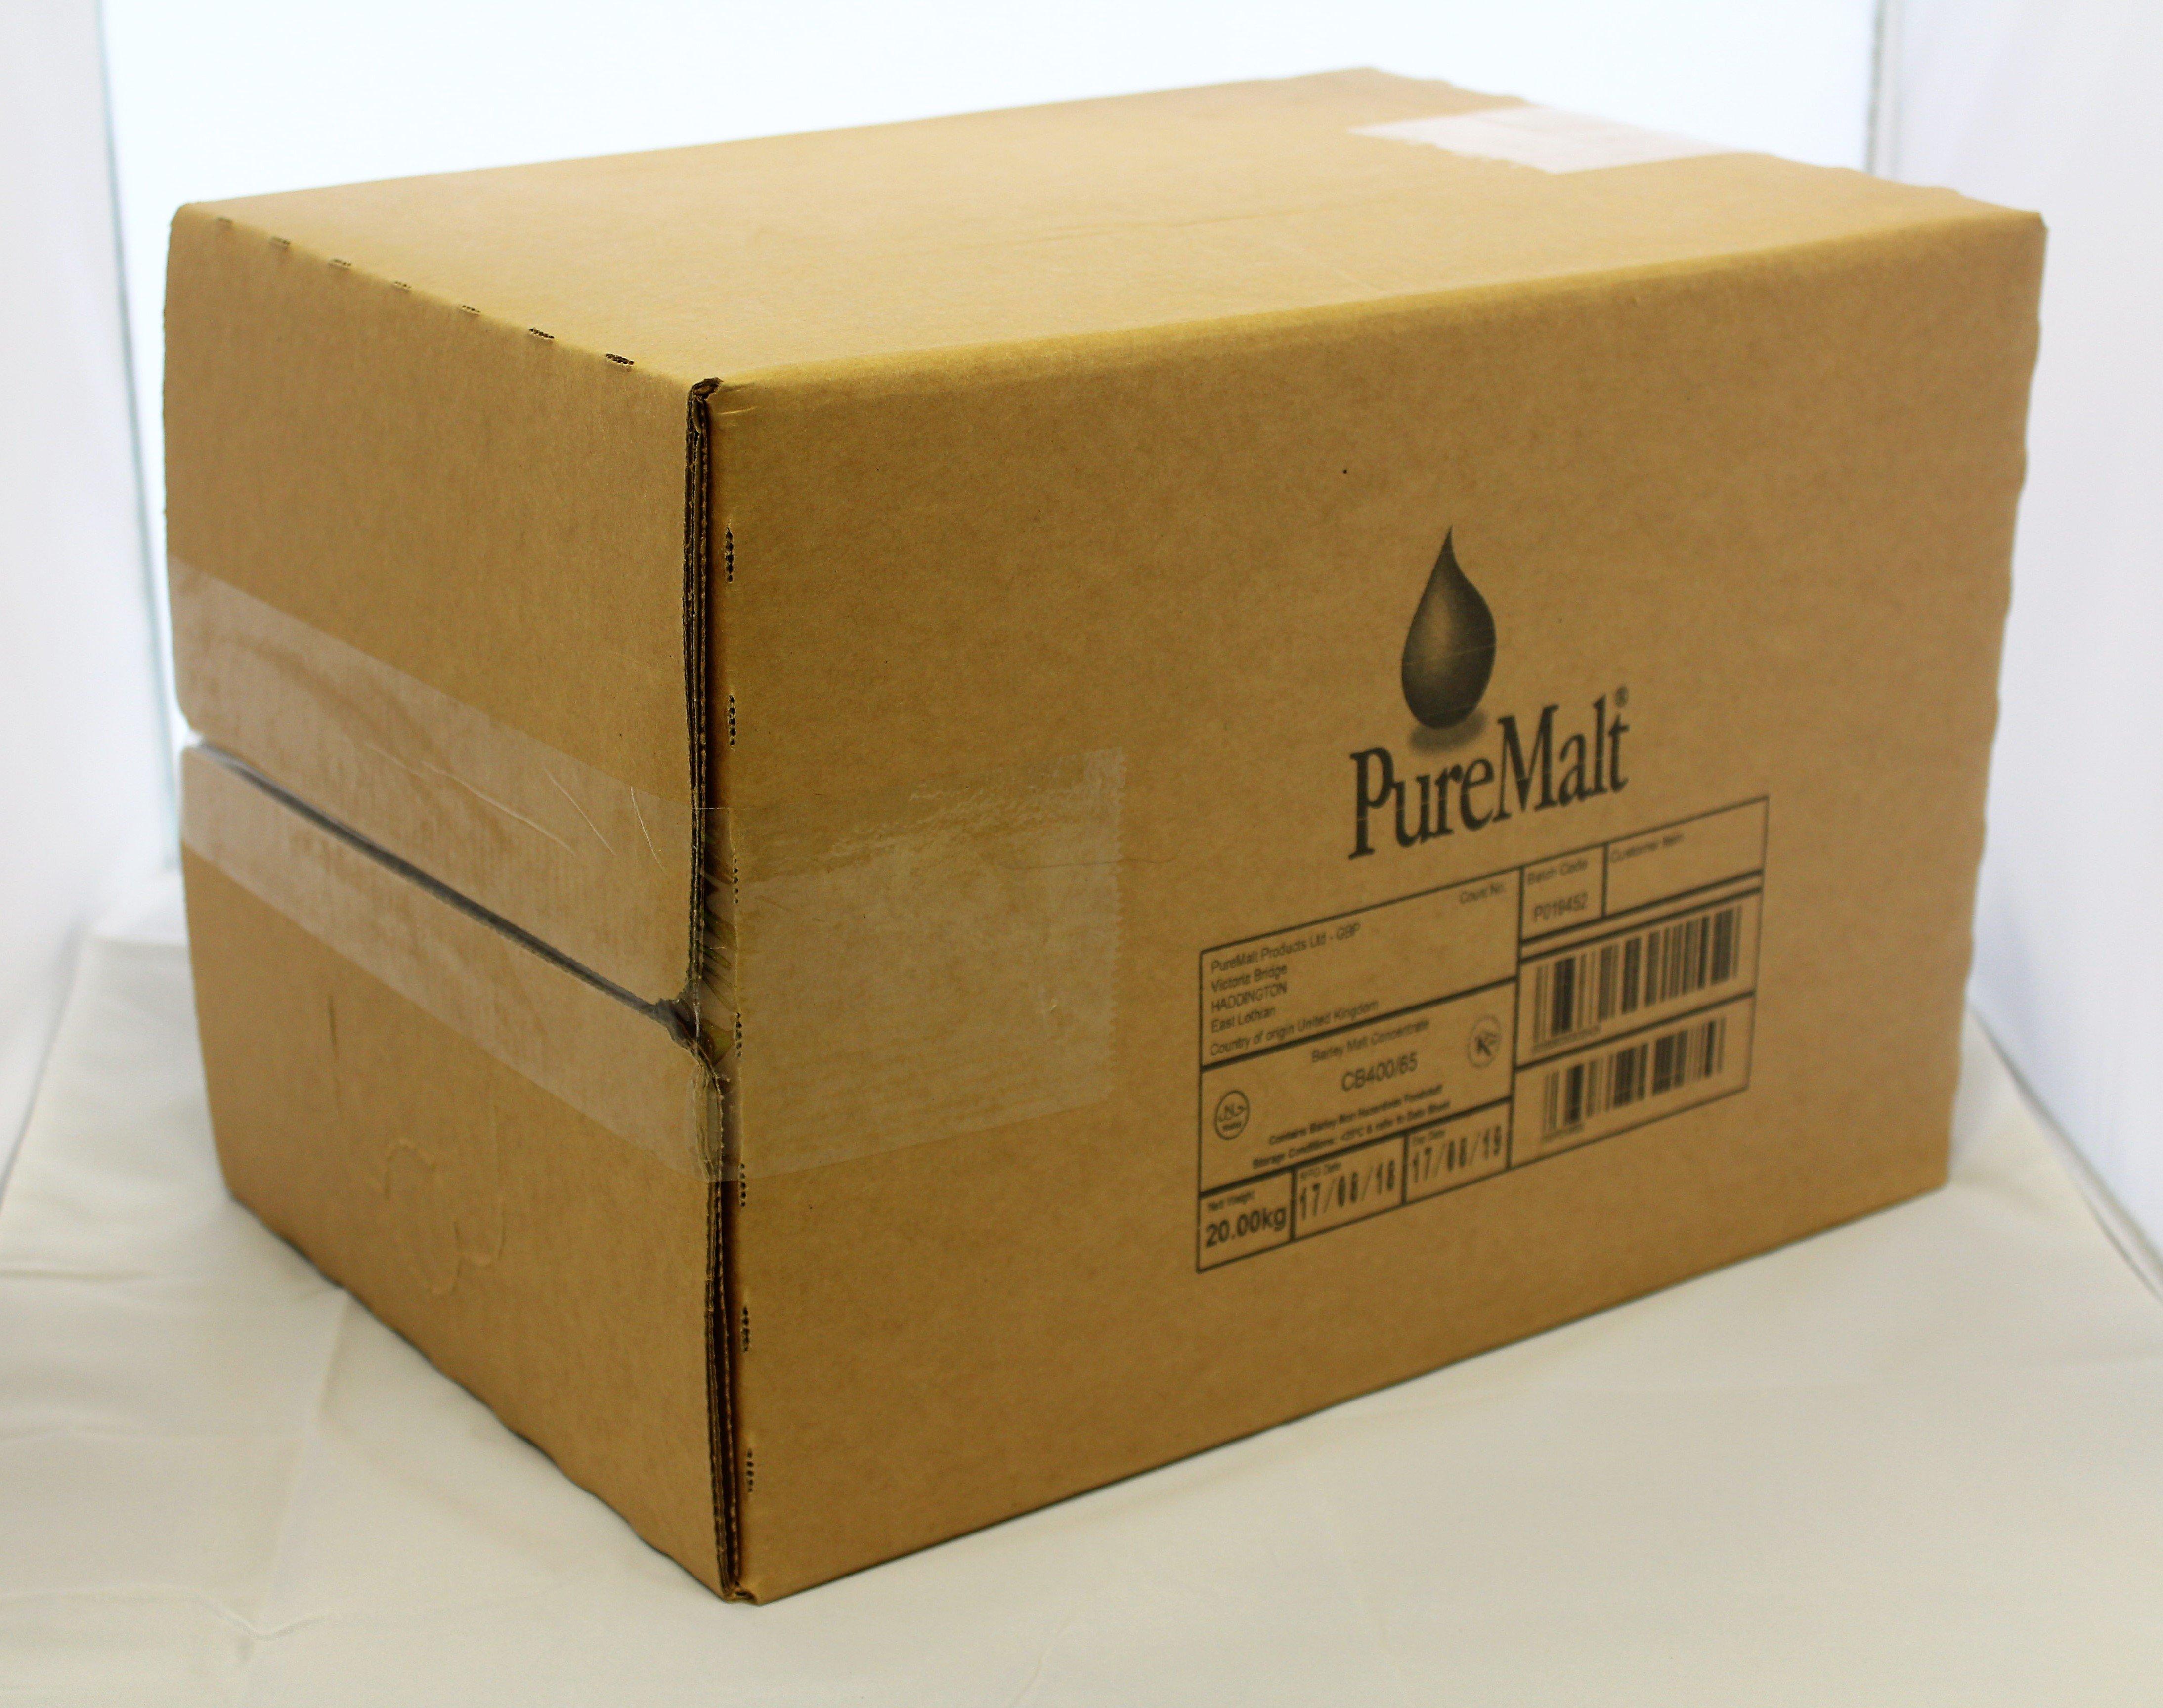 20kg box